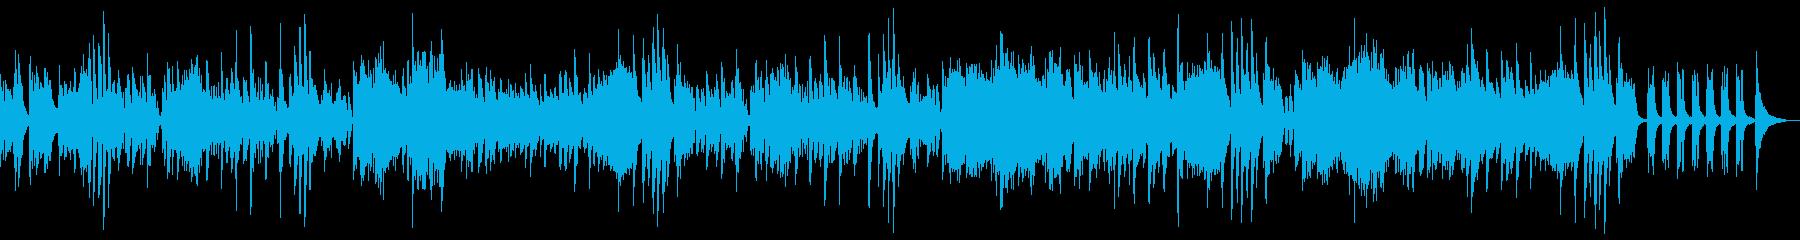 明るく軽い空間的な セミ・クラシックの再生済みの波形